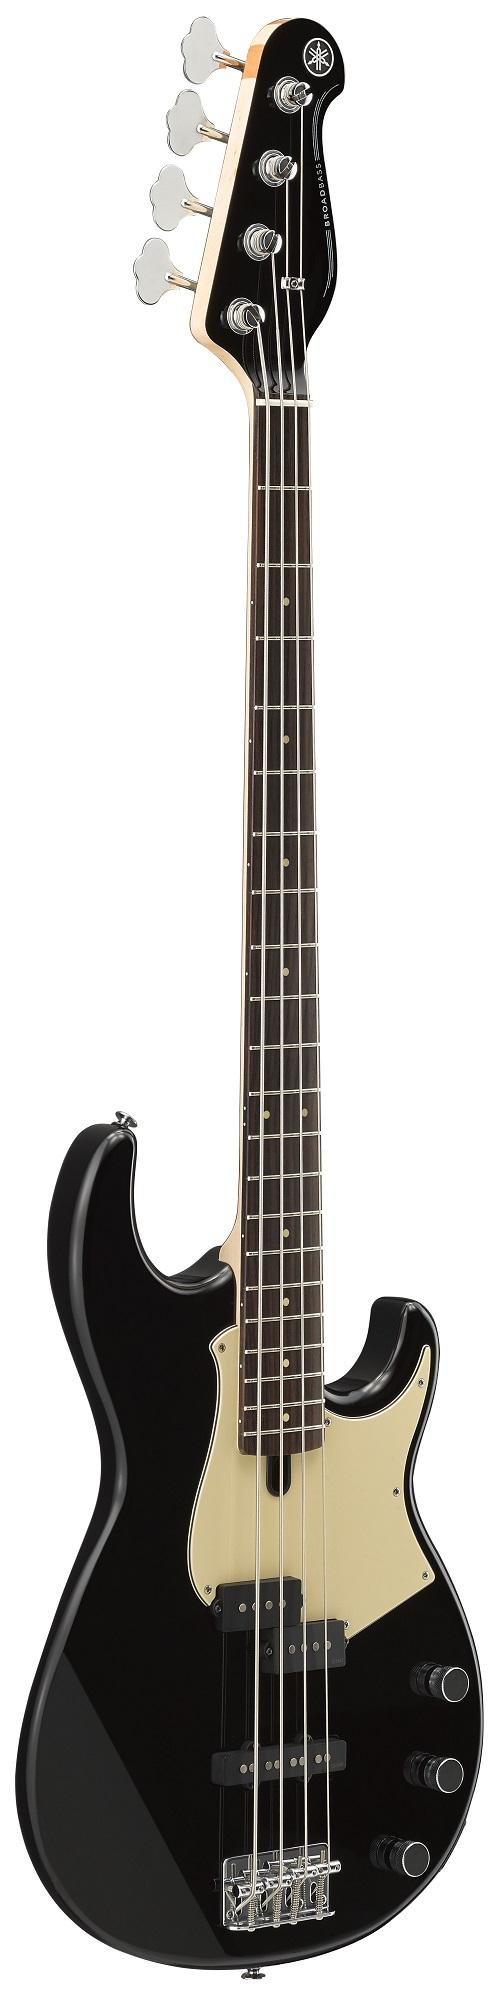 Yamaha BB434 Black